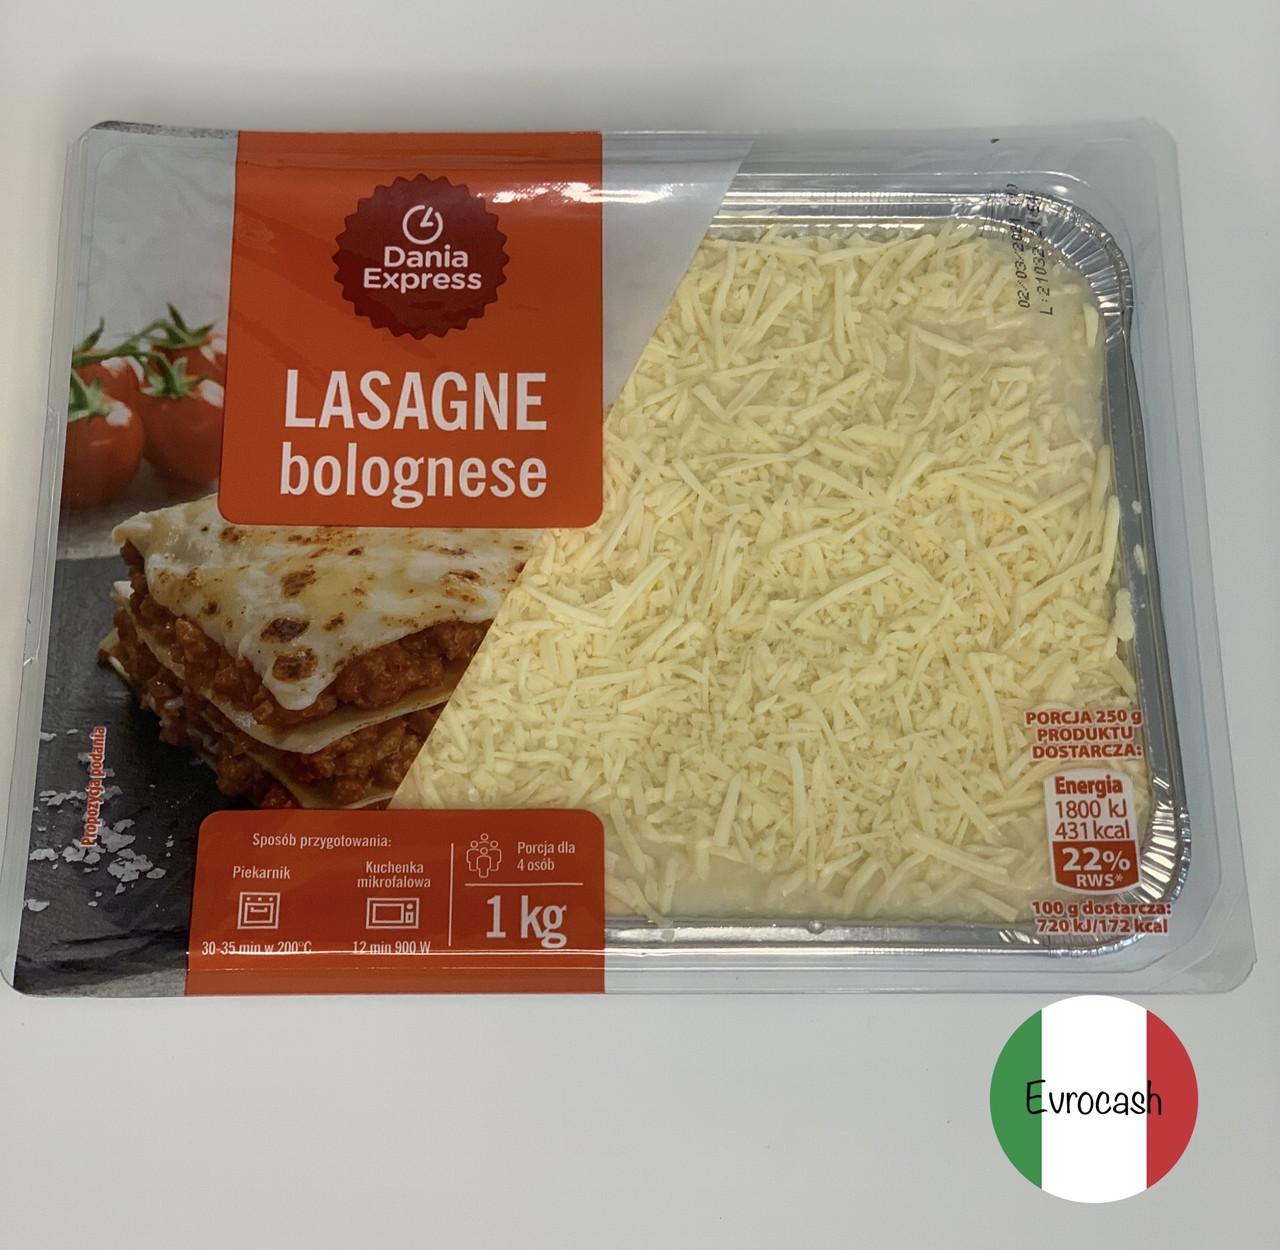 Лазанья Lasagne bolognese Dania Express 1 kg